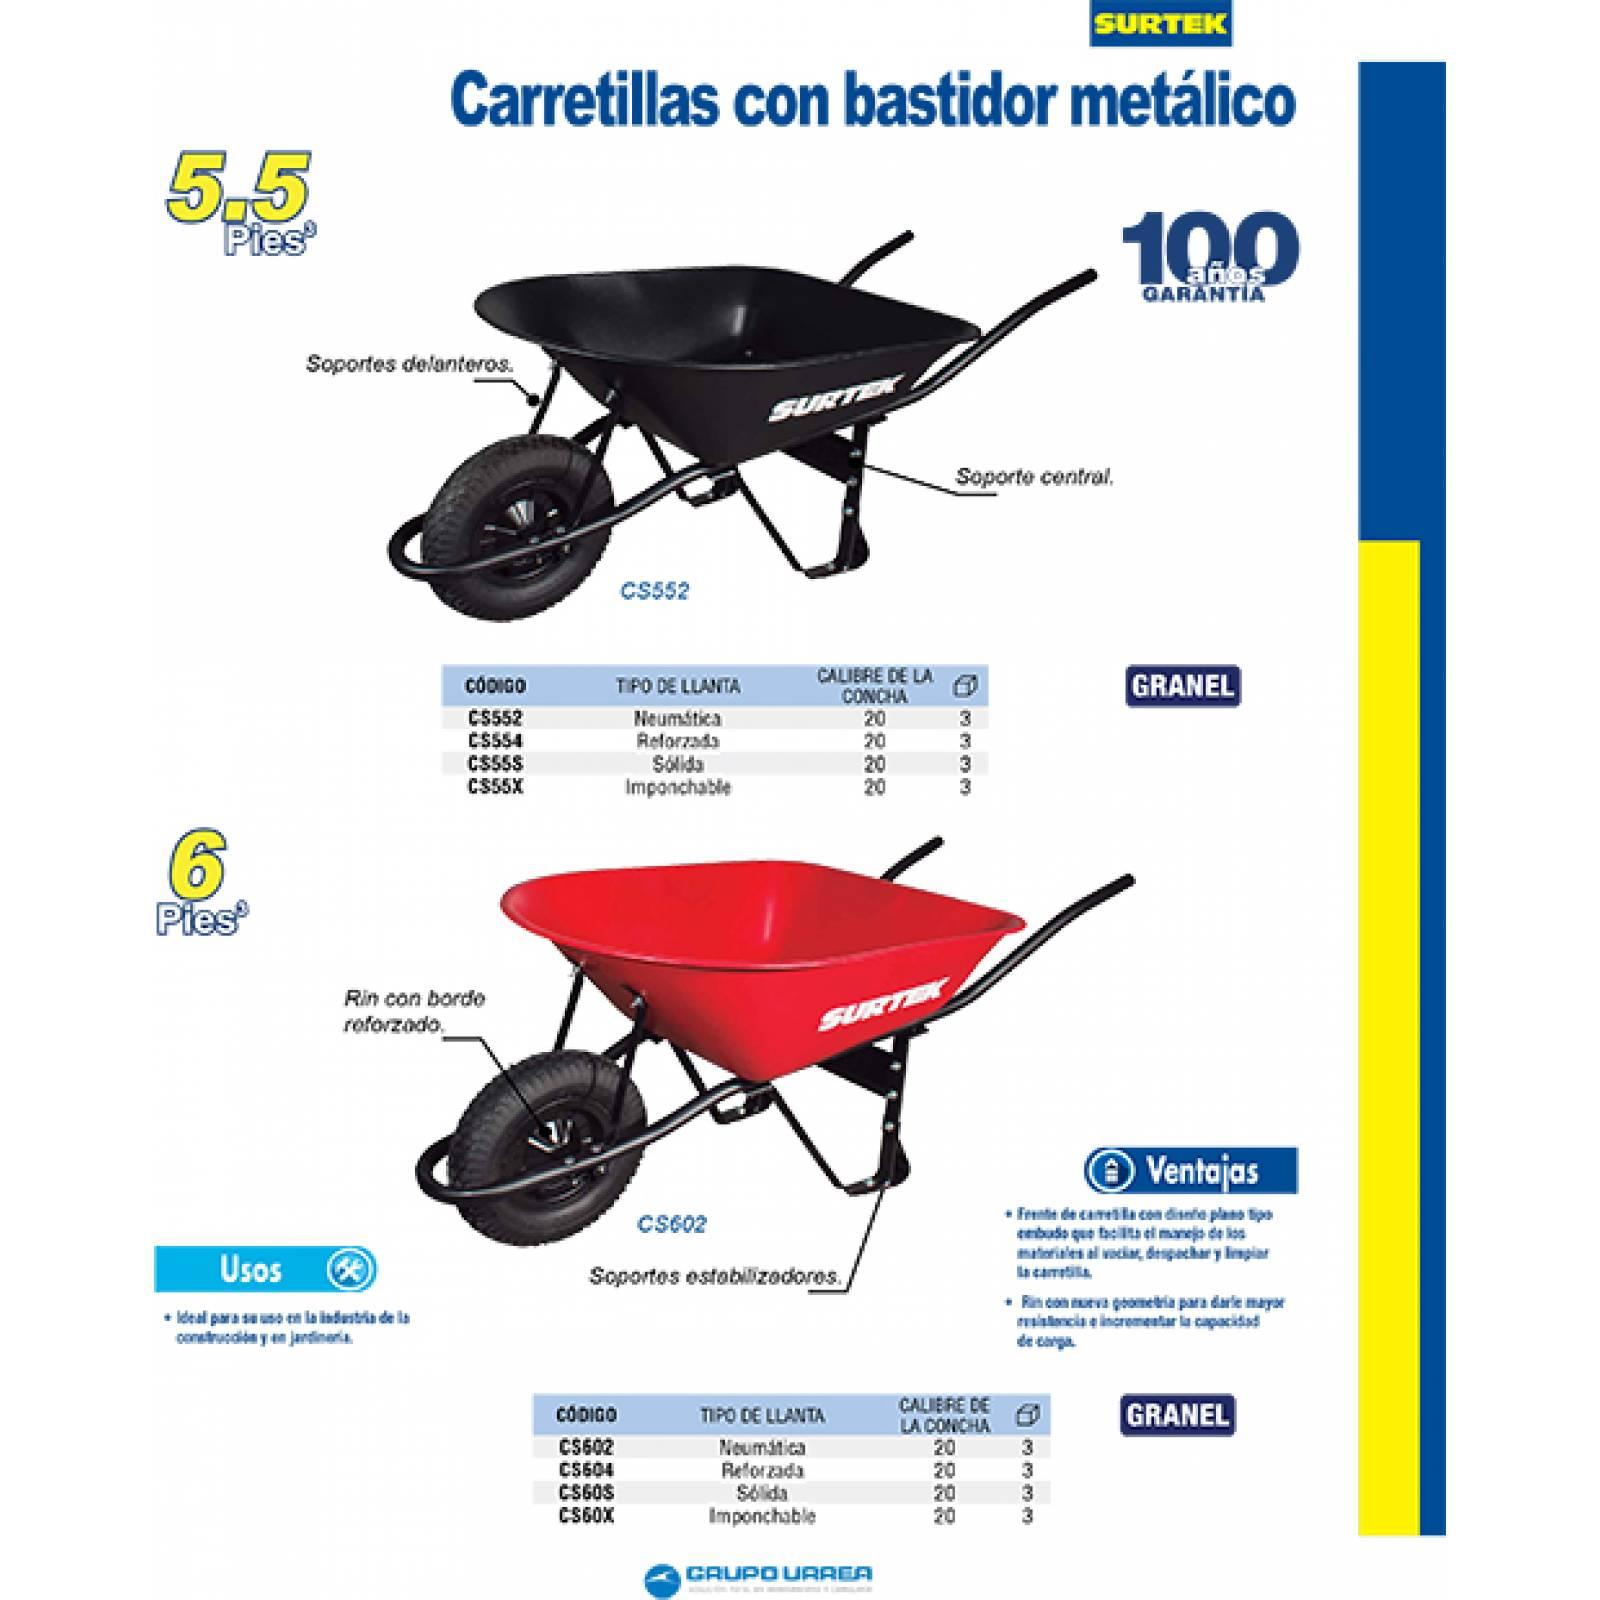 Carretilla Bastidor Metal 6 Ft3 Llanta Sólidada CS60S Surtek